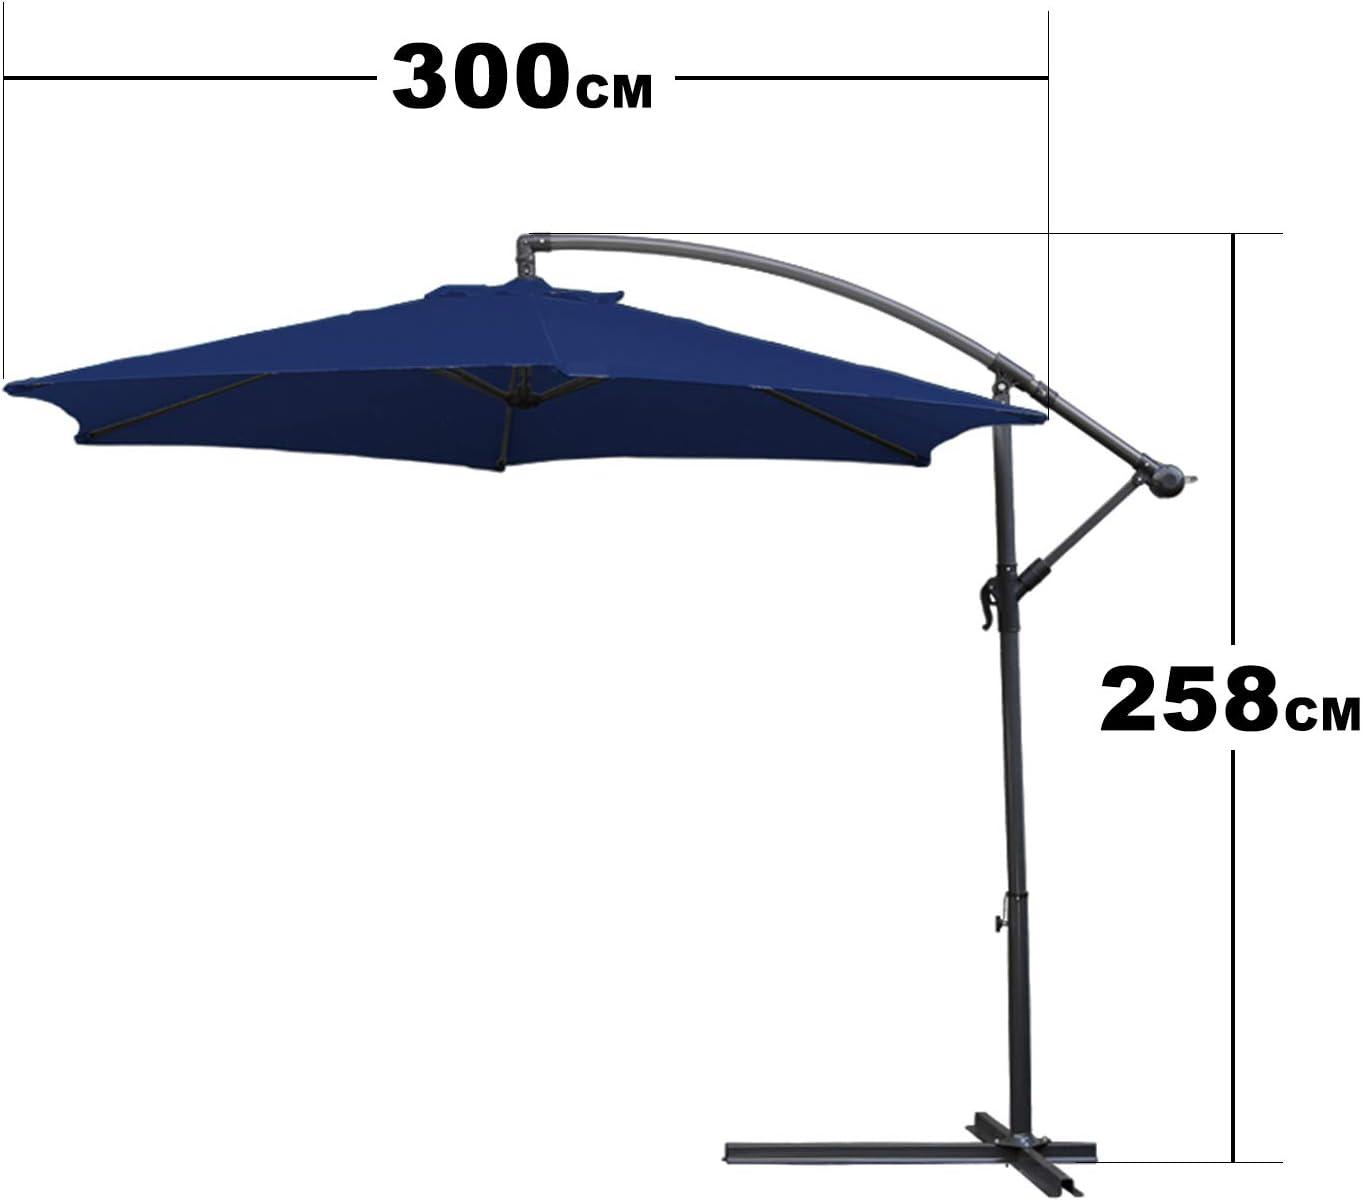 Hengda Ø 300 cm Sombrilla con Manivela Parasol Excéntrico de Jardín, Mástil de Aluminio con Manivela, Protección UV40+ Altura Ajustable Incl. Soporte de Cruz-Azul: Amazon.es: Jardín